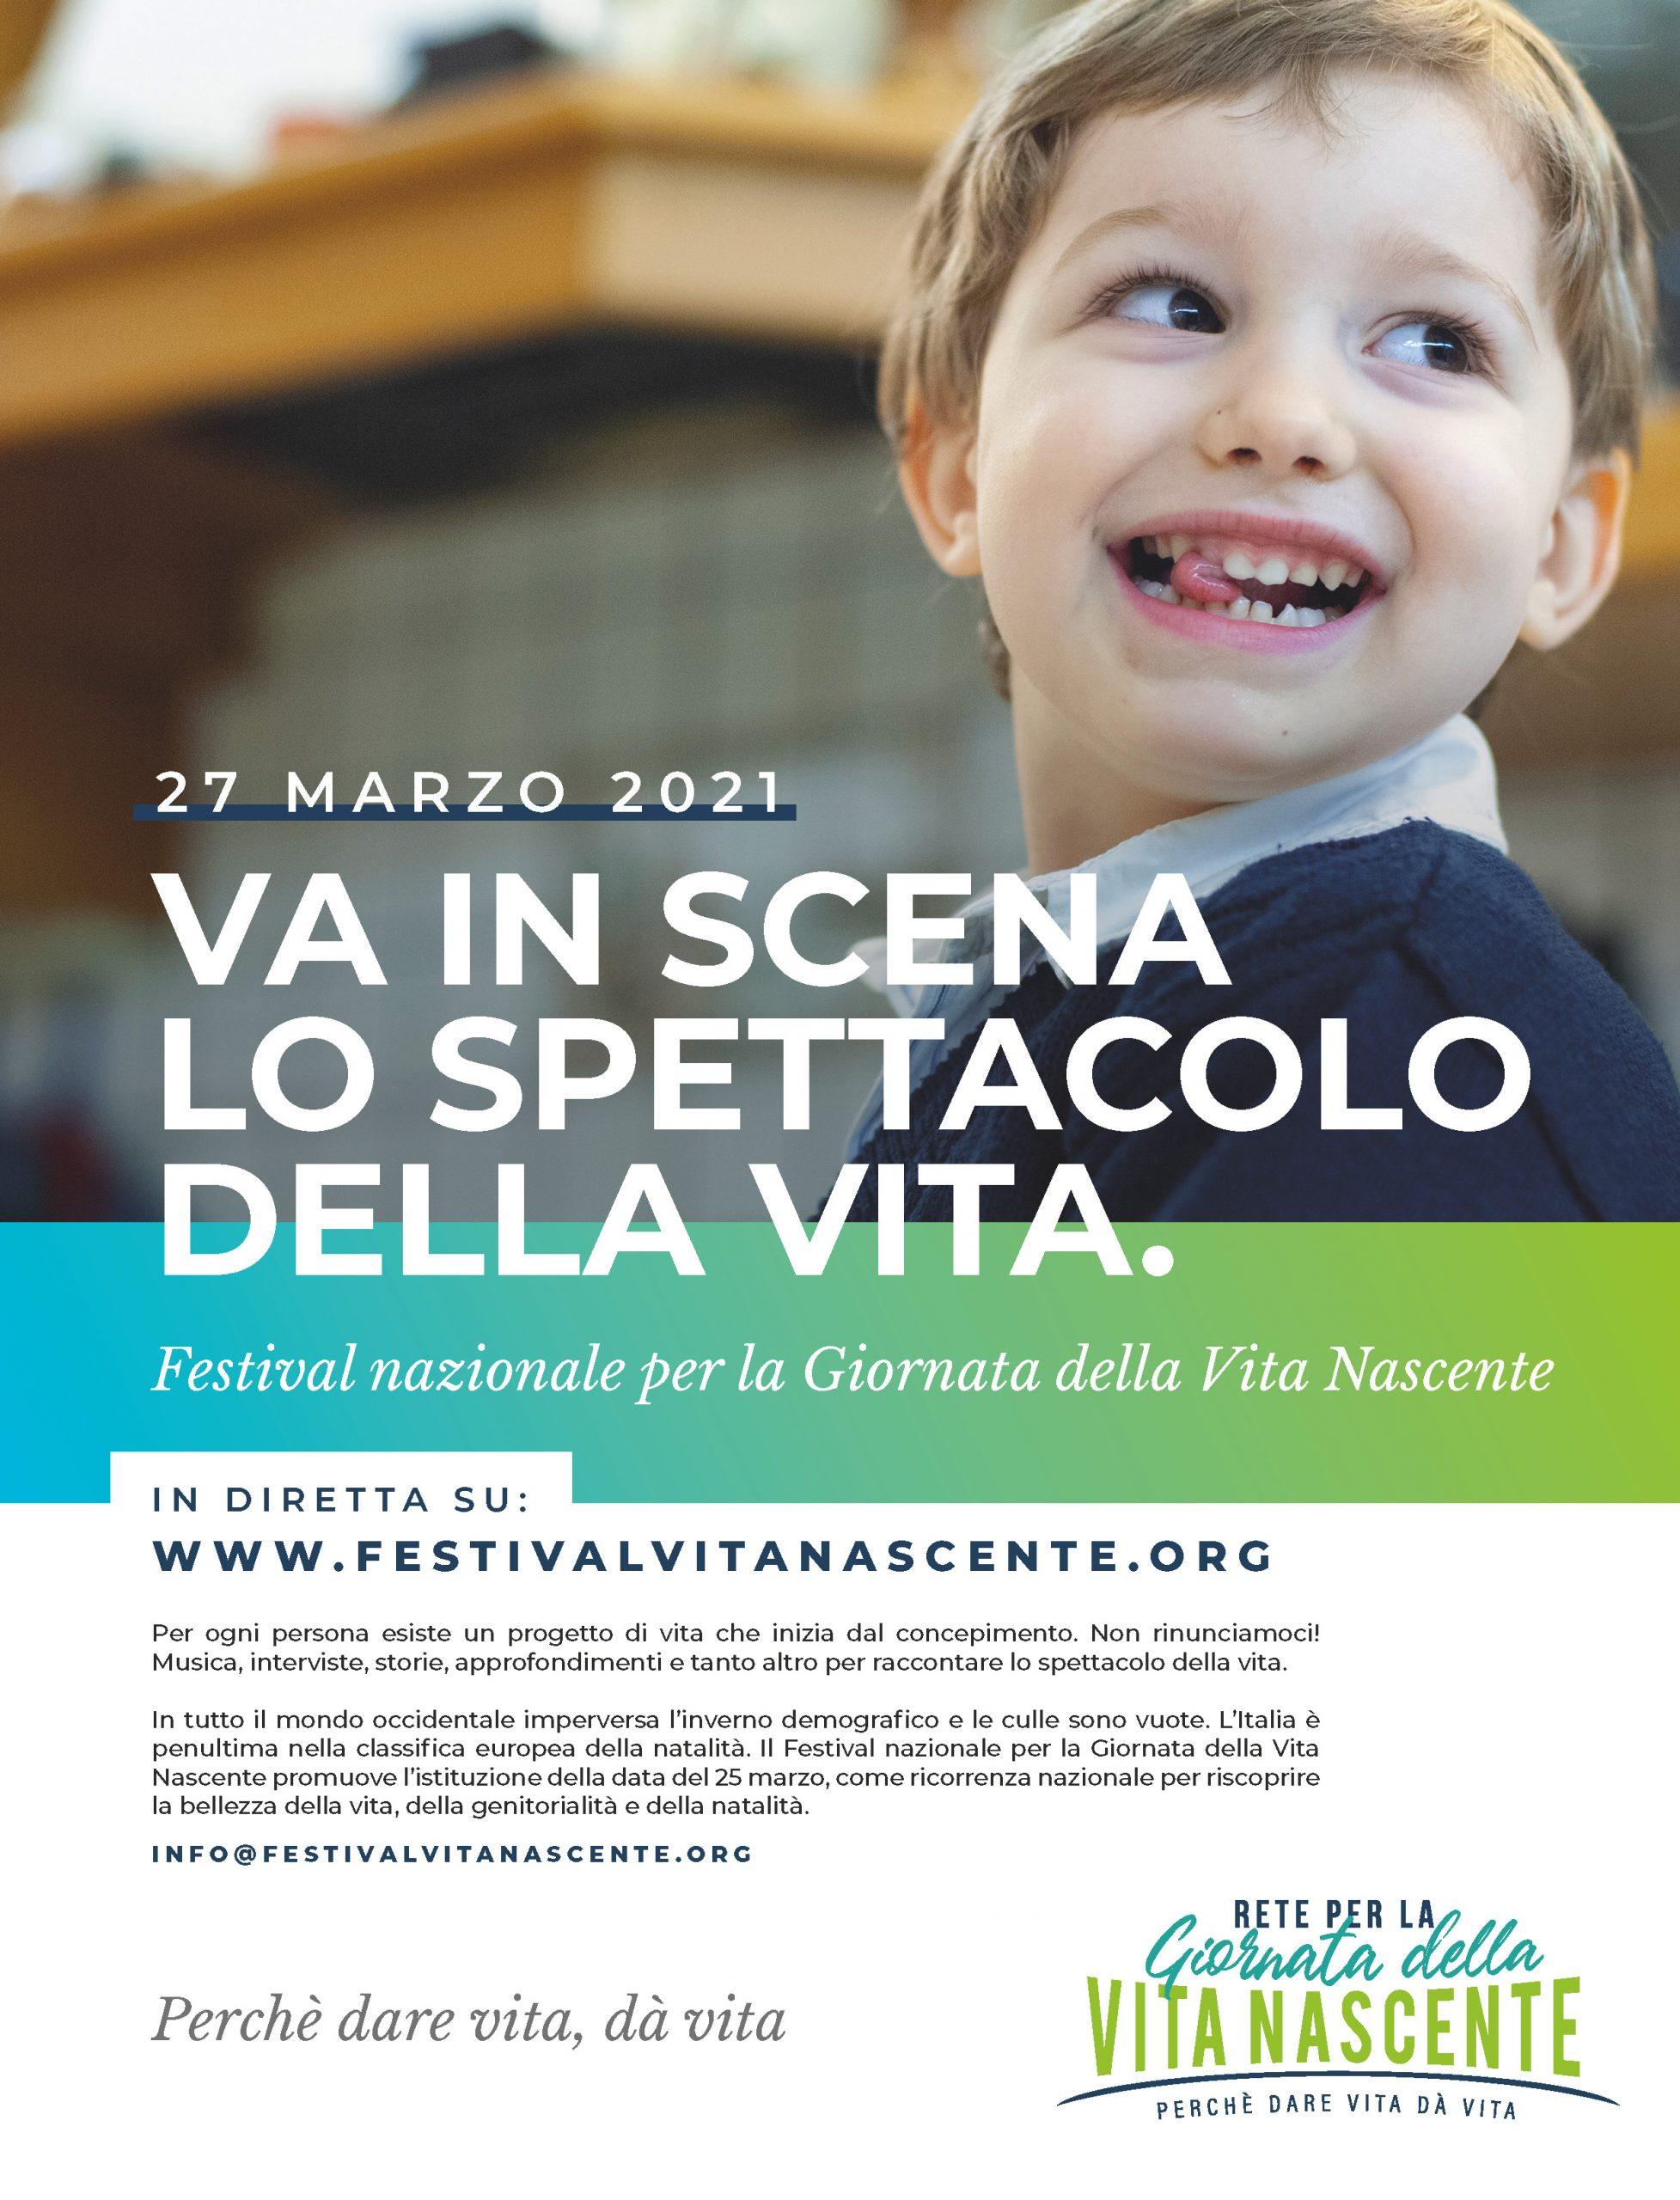 2021.03.27-Festival-vita-nascente_ANNUNCIO-STAMPA-scaled.jpg